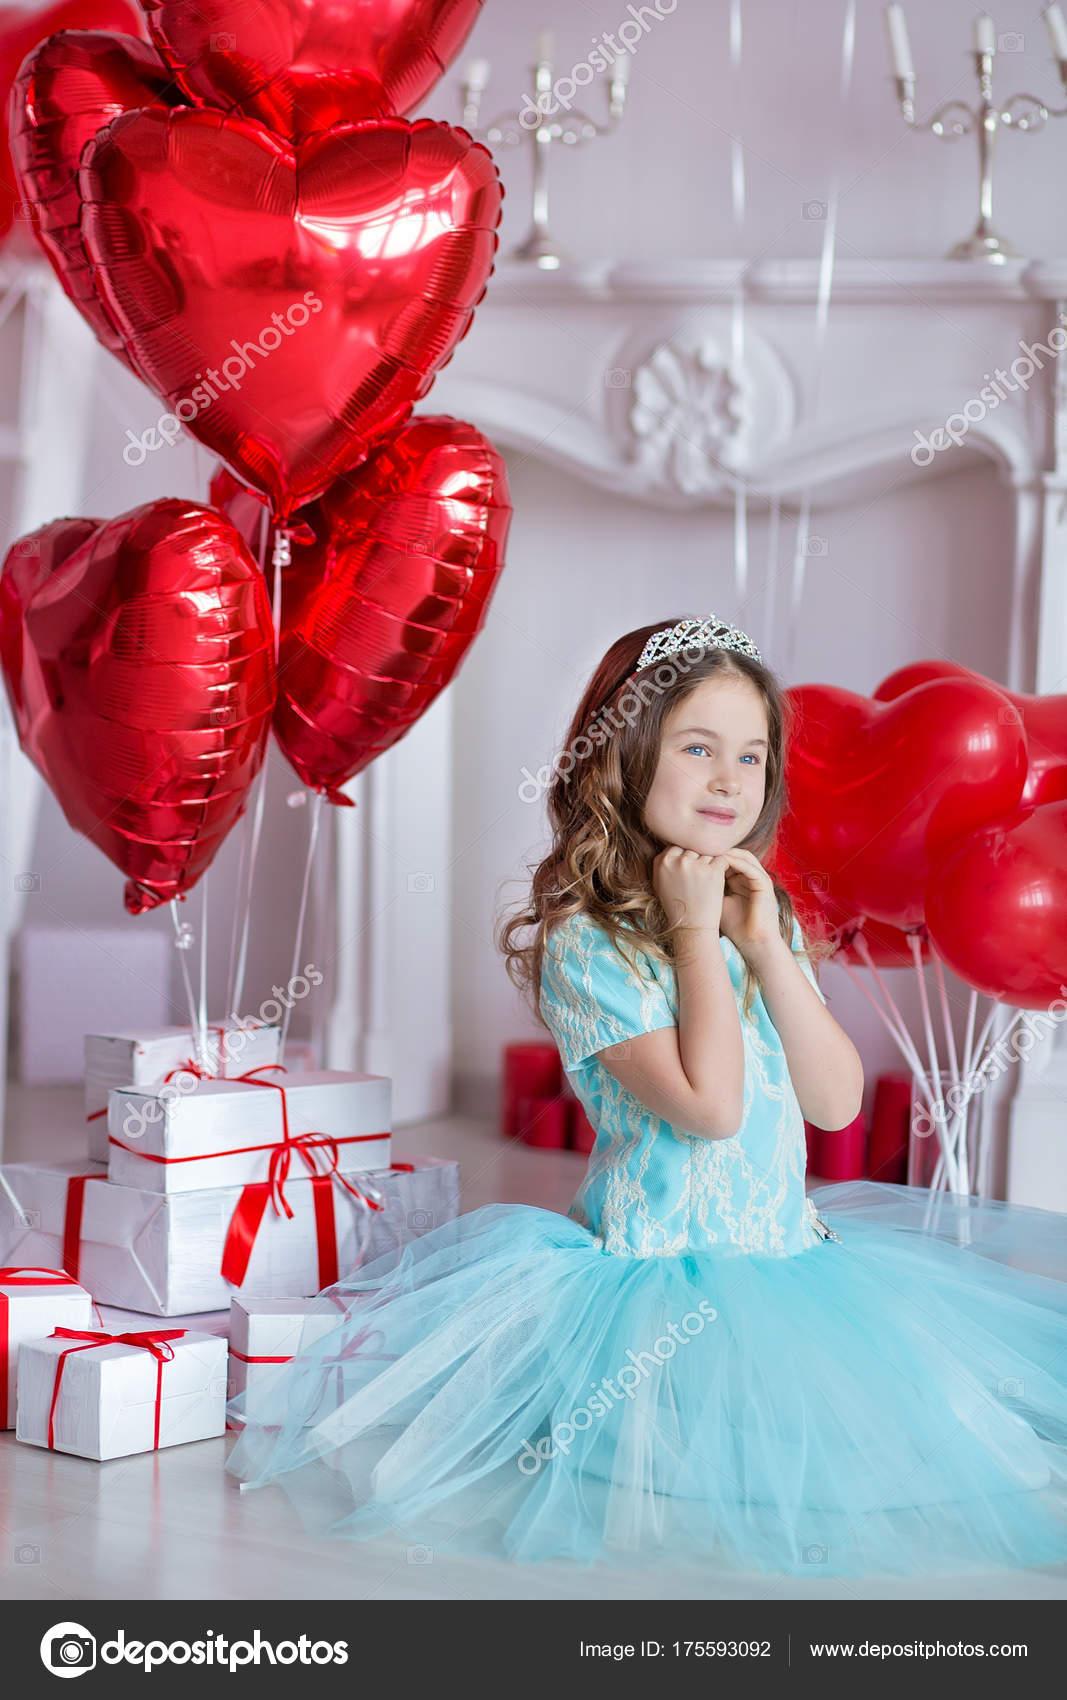 Niedliche Mädchen feiert Geburtstag zusammen in der Nähe von rote ...